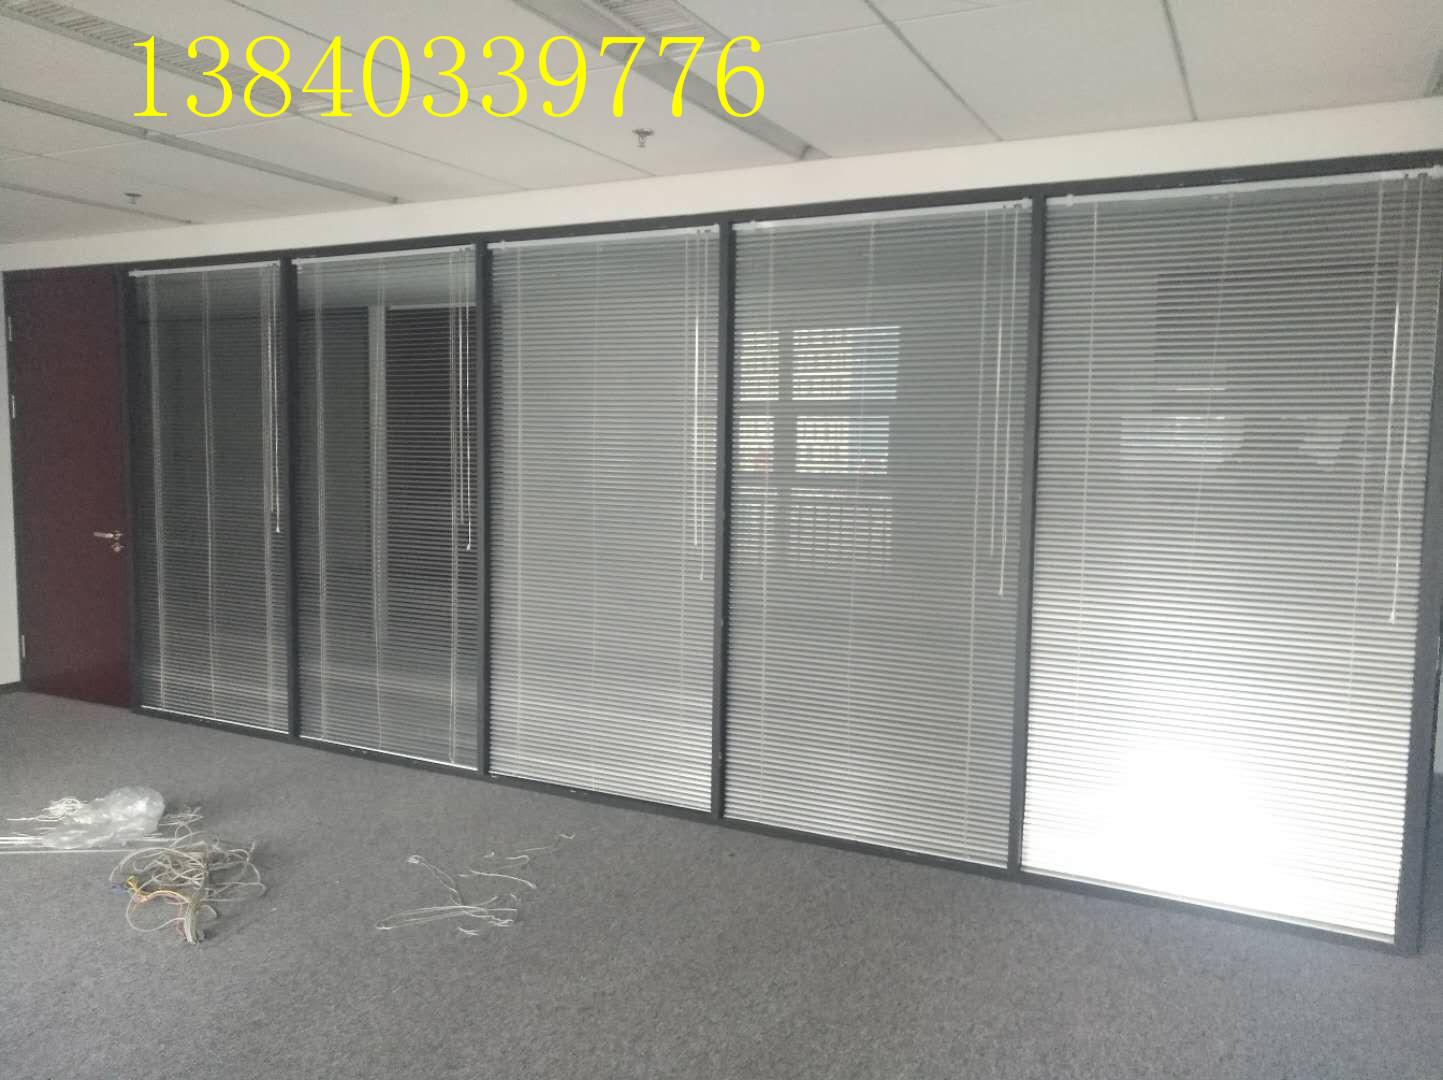 沈阳办公室窗帘,窗帘批发厂家